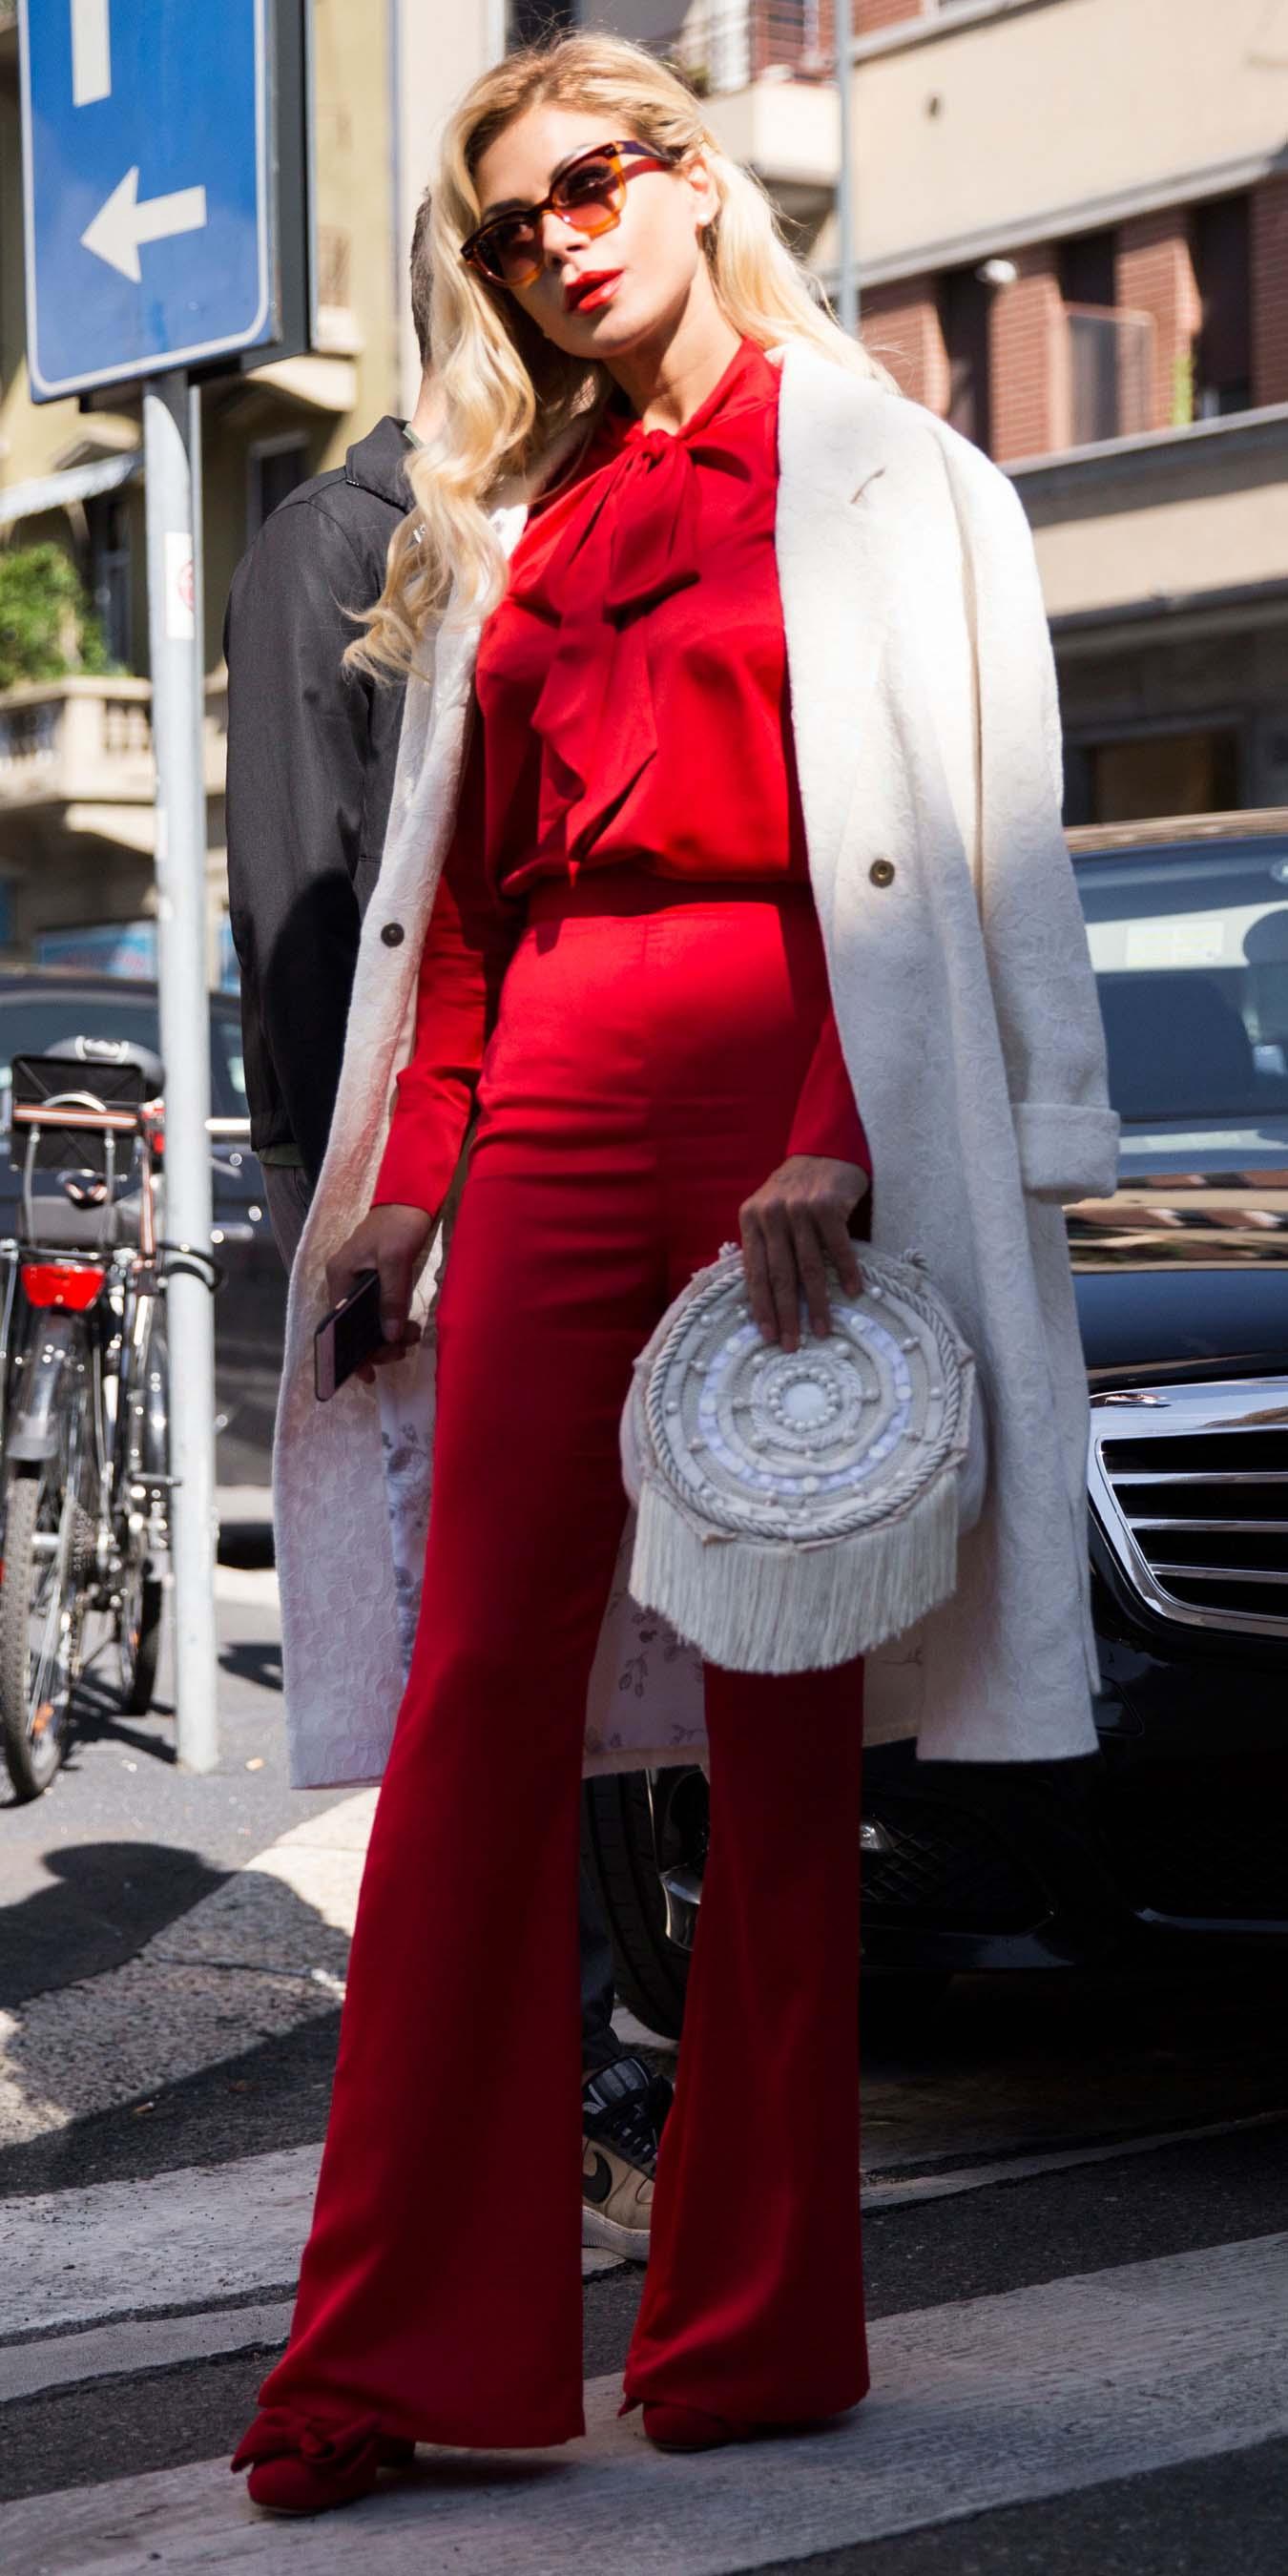 red-wideleg-pants-milan-red-top-blouse-white-bag-red-shoe-pumps-sun-white-jacket-coat-fall-winter-blonde-dinner.jpg